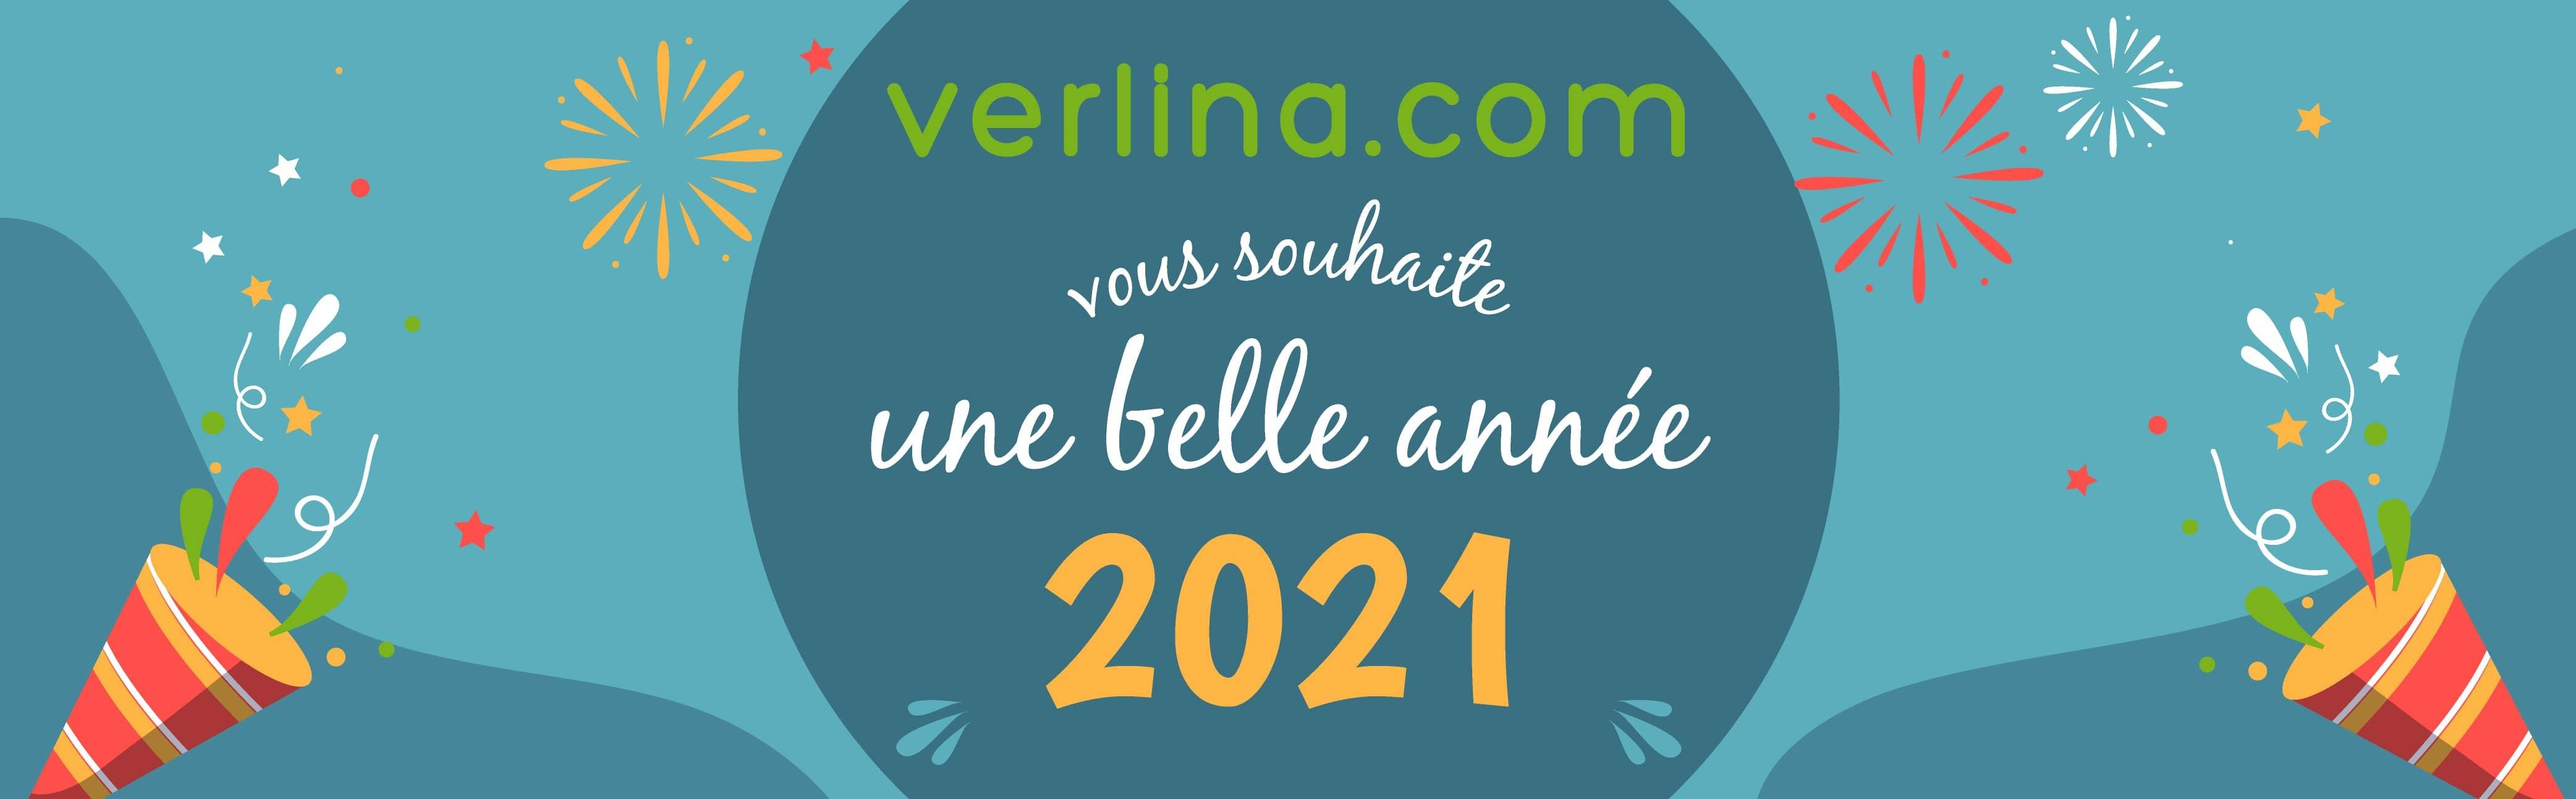 Verlina vous souhaite une belle année 2021